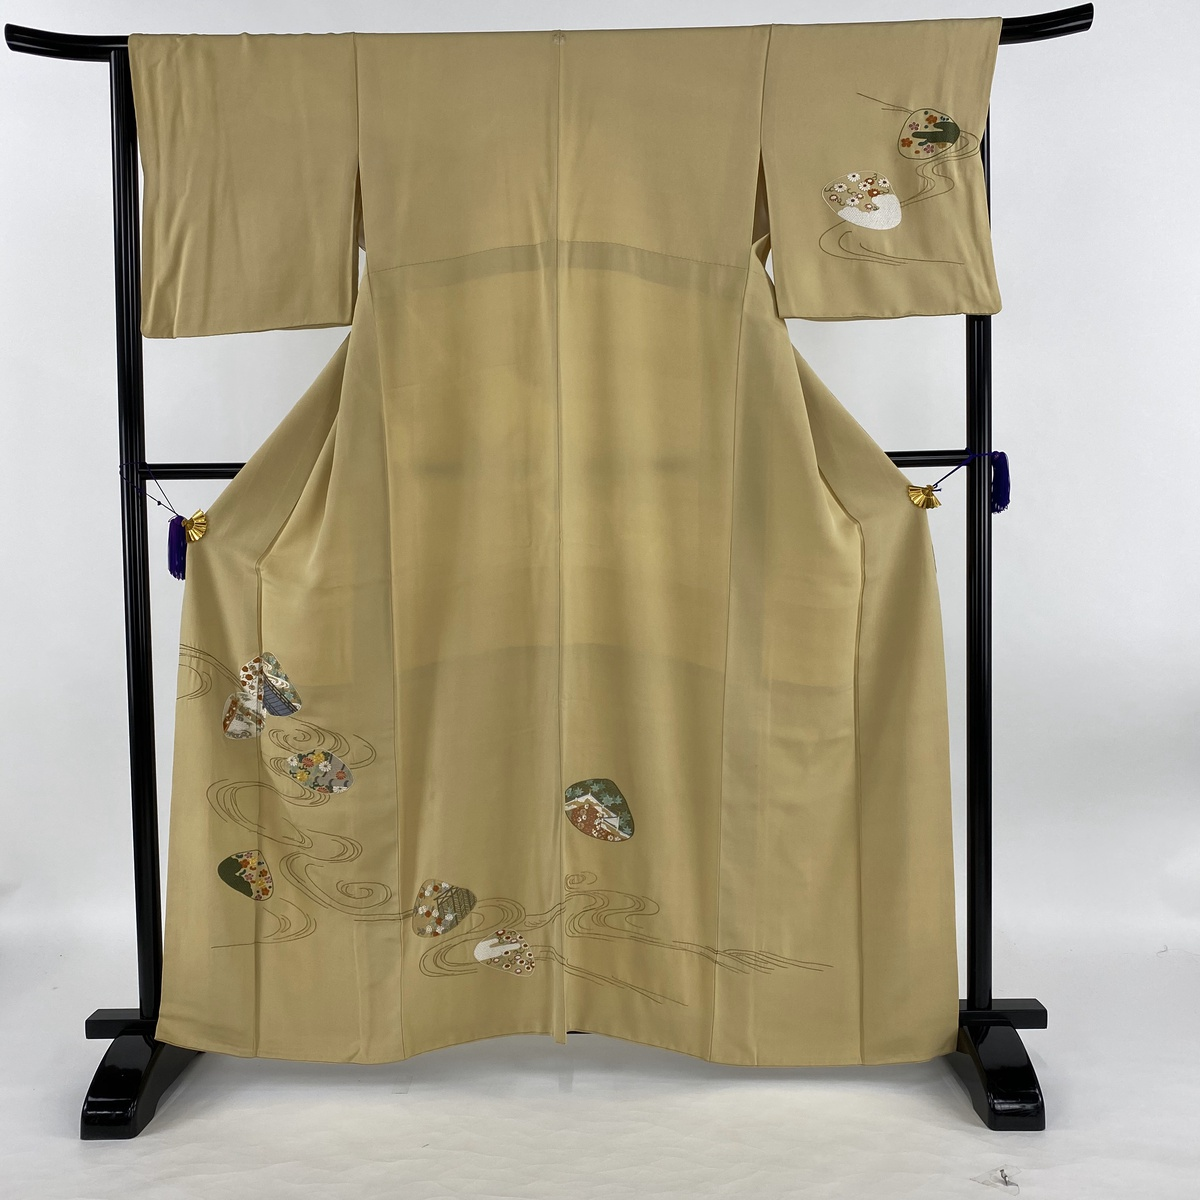 訪問着 名品 一つ紋 貝合せ 流水 刺繍 金糸 ベージュ 袷 身丈161.5cm 裄丈66.5cm M 正絹 【中古】